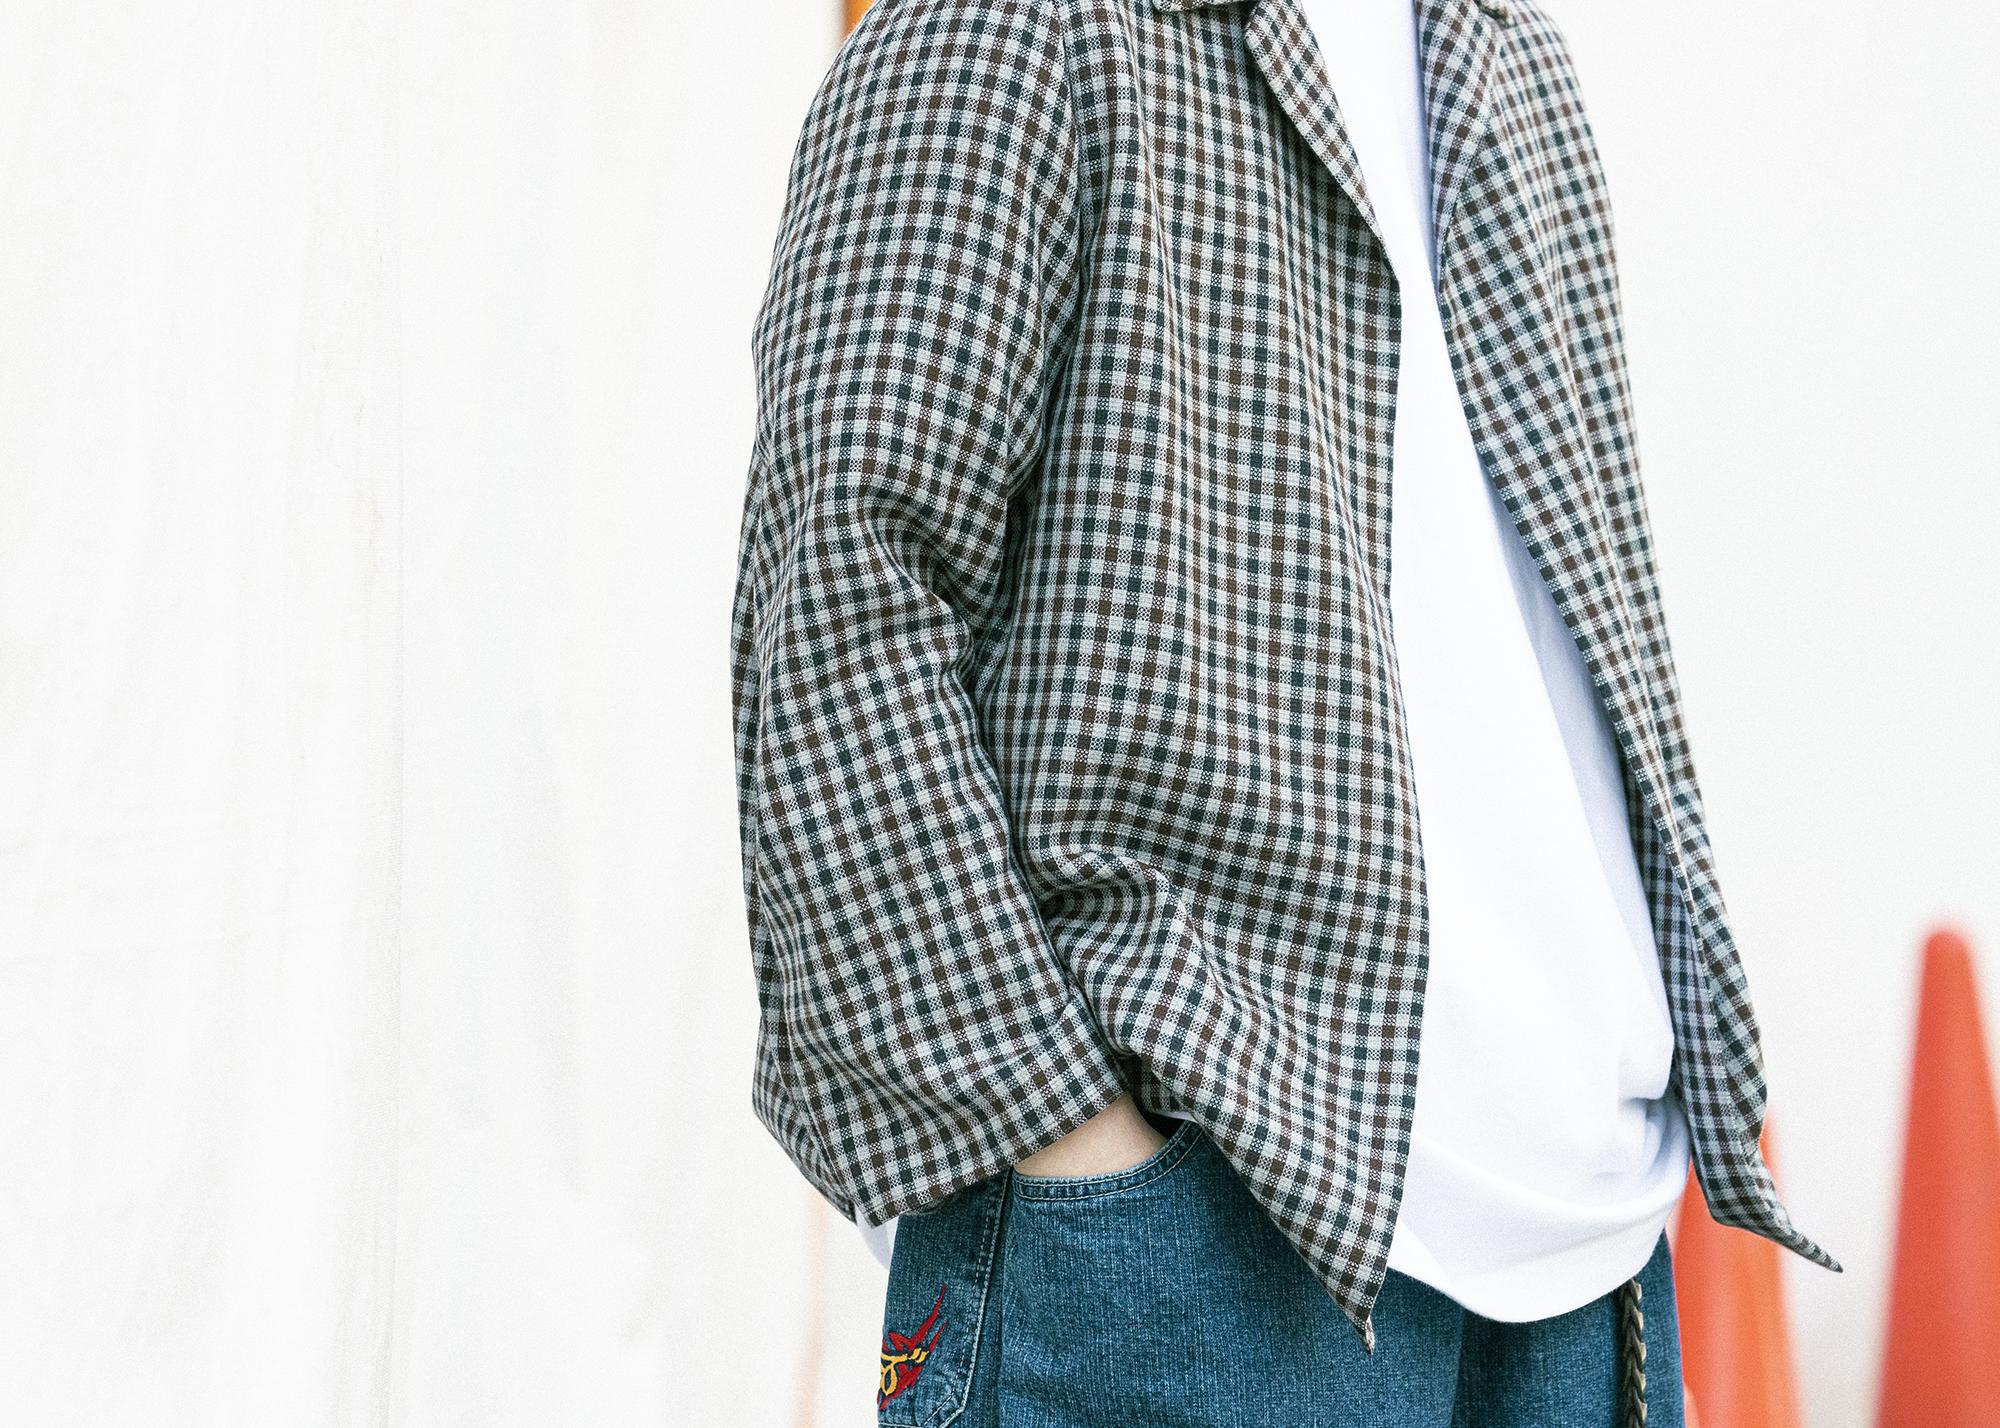 ヘインズ(HANES)Tシャツを男性が着用 上からシャツを羽織る